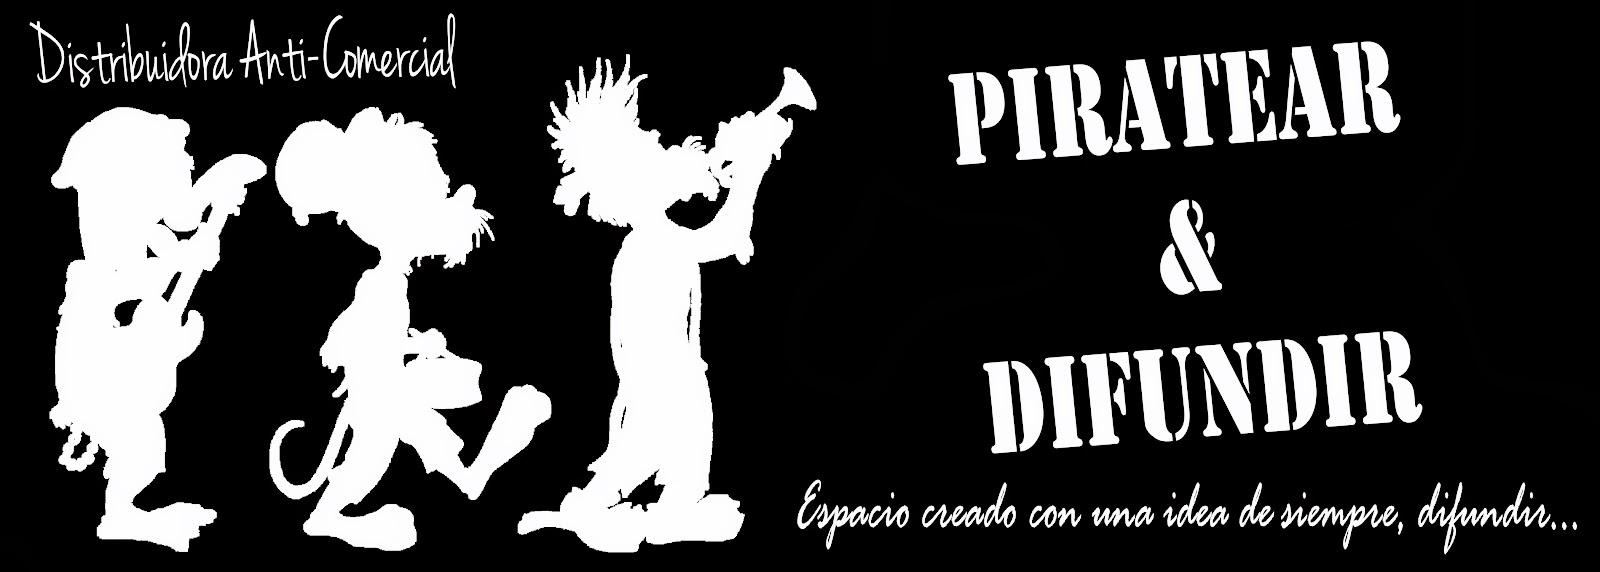 Piratear & Difundir